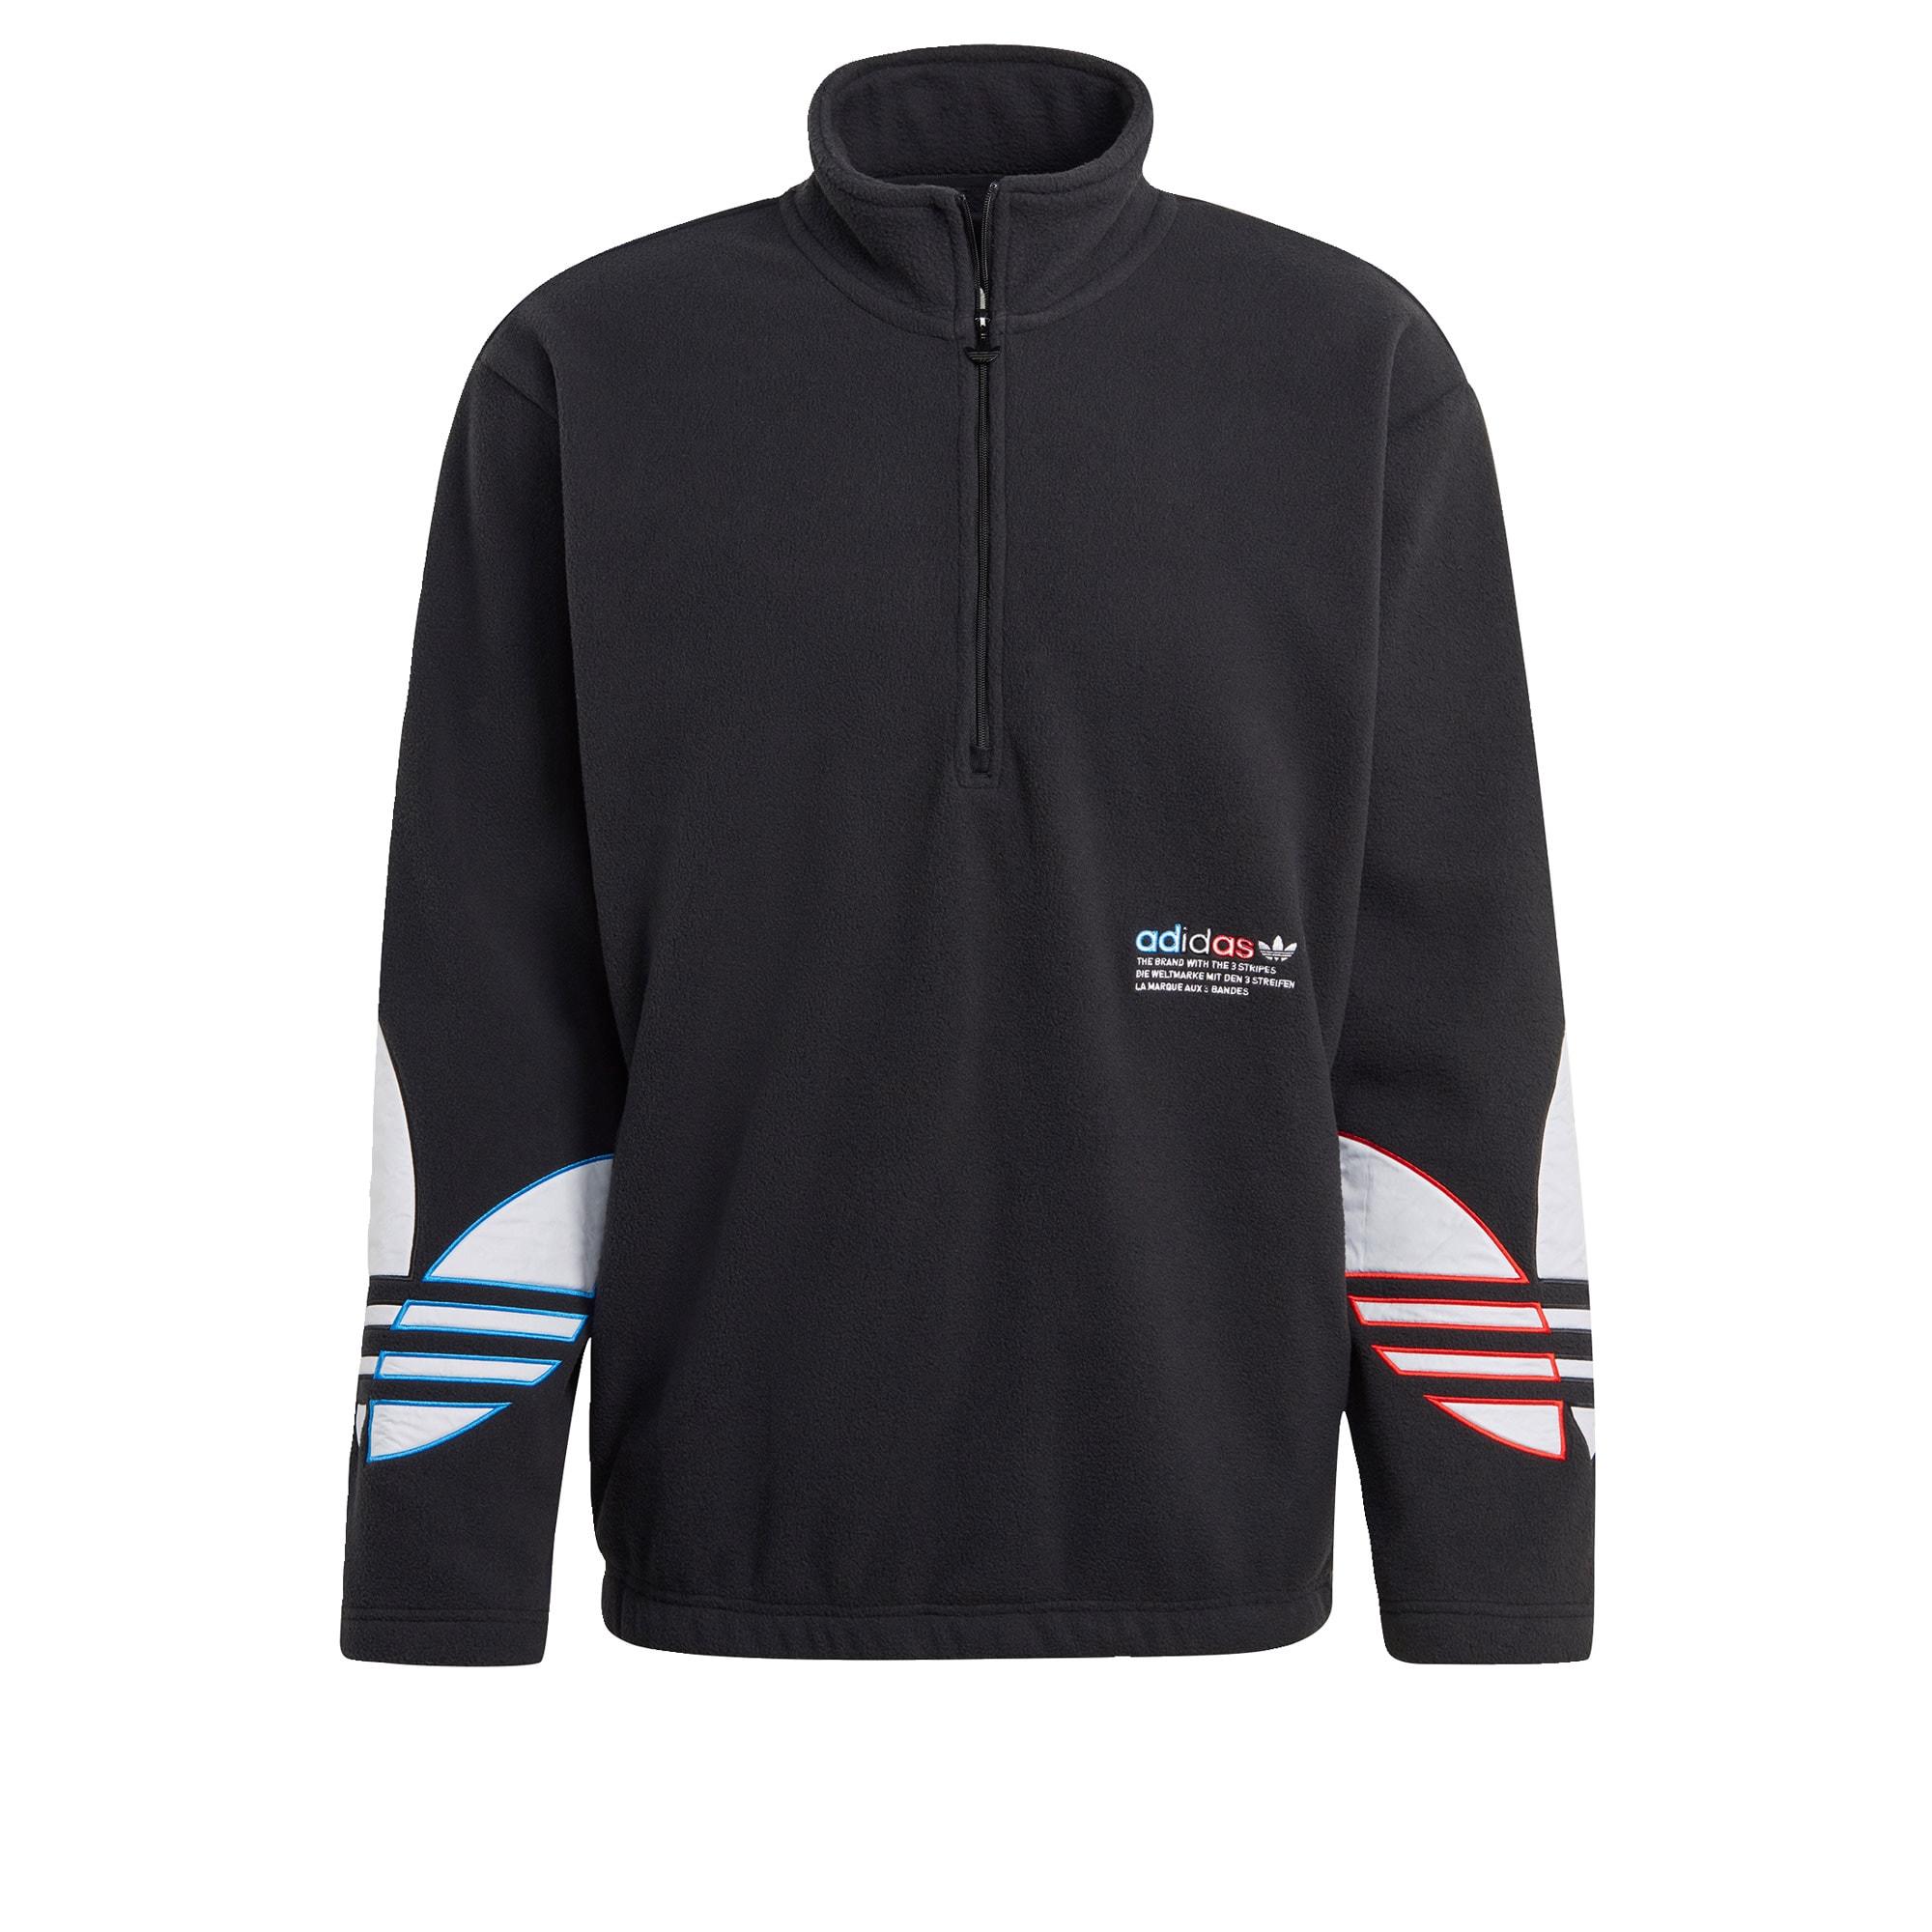 ADIDAS ORIGINALS Megztinis be užsegimo juoda / balta / mėlyna / raudona